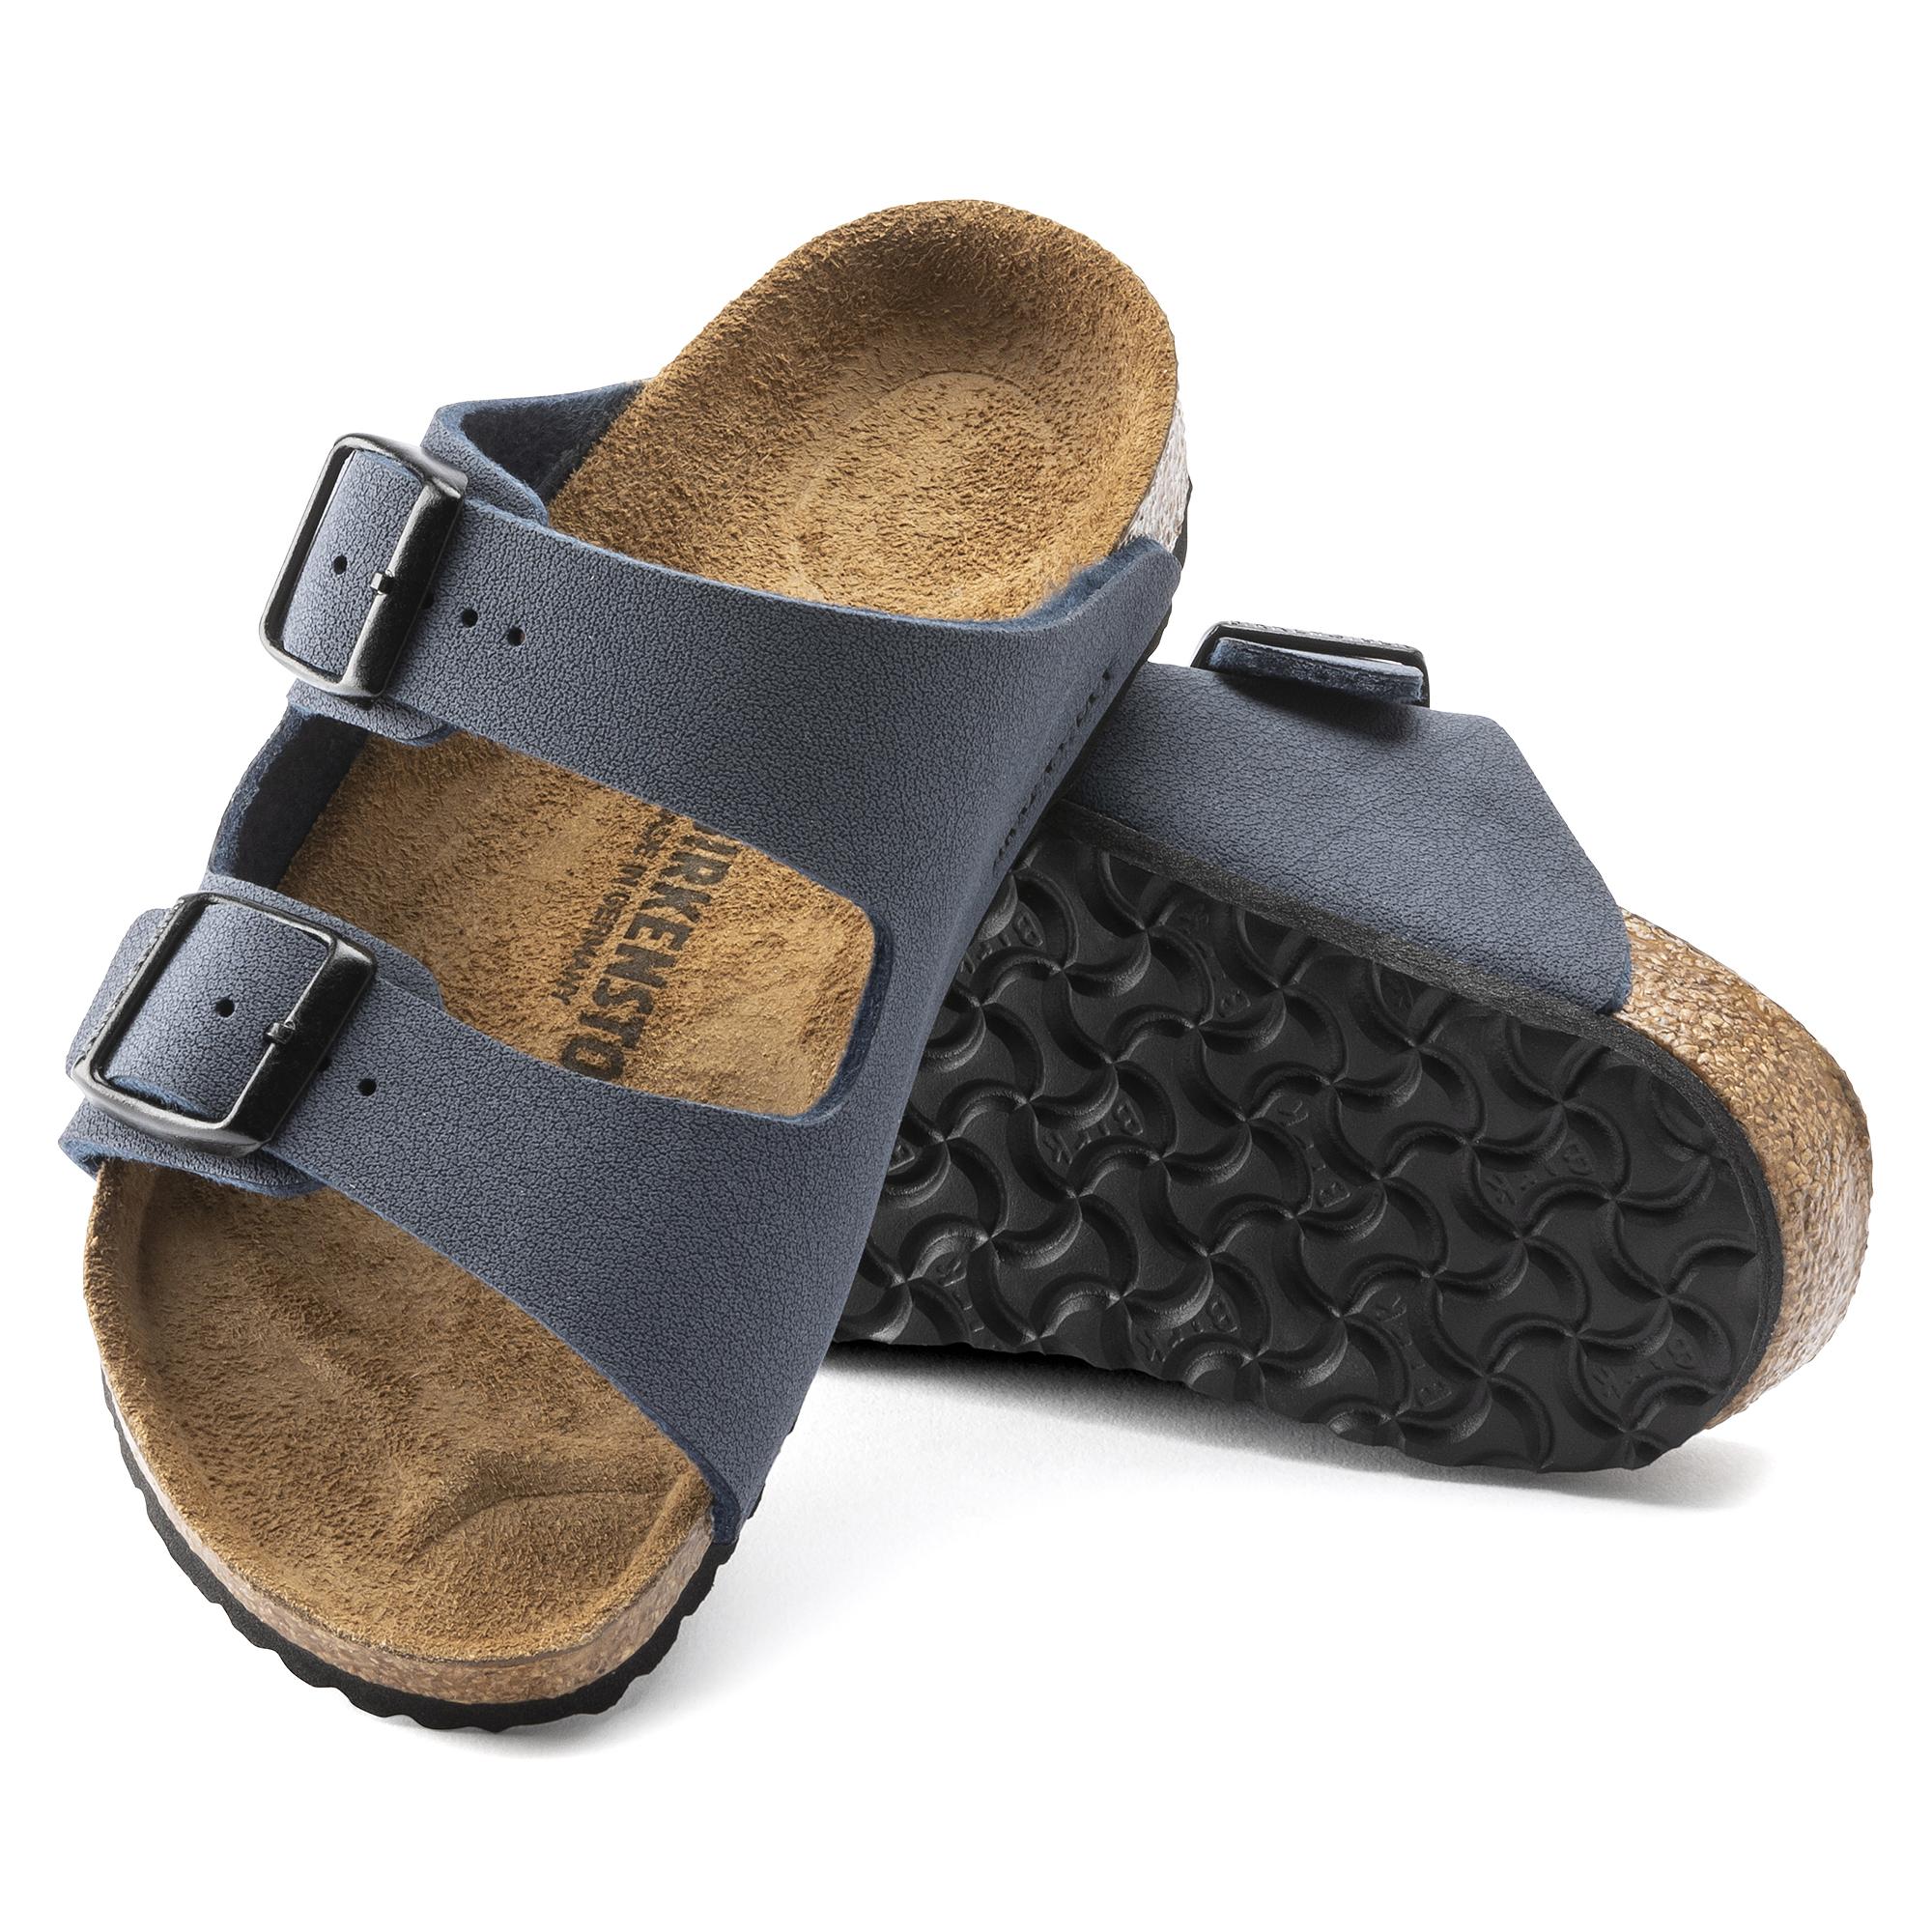 BIRKENSTOCK Sandalen moderne Arizona Zehentrenner Schwarz